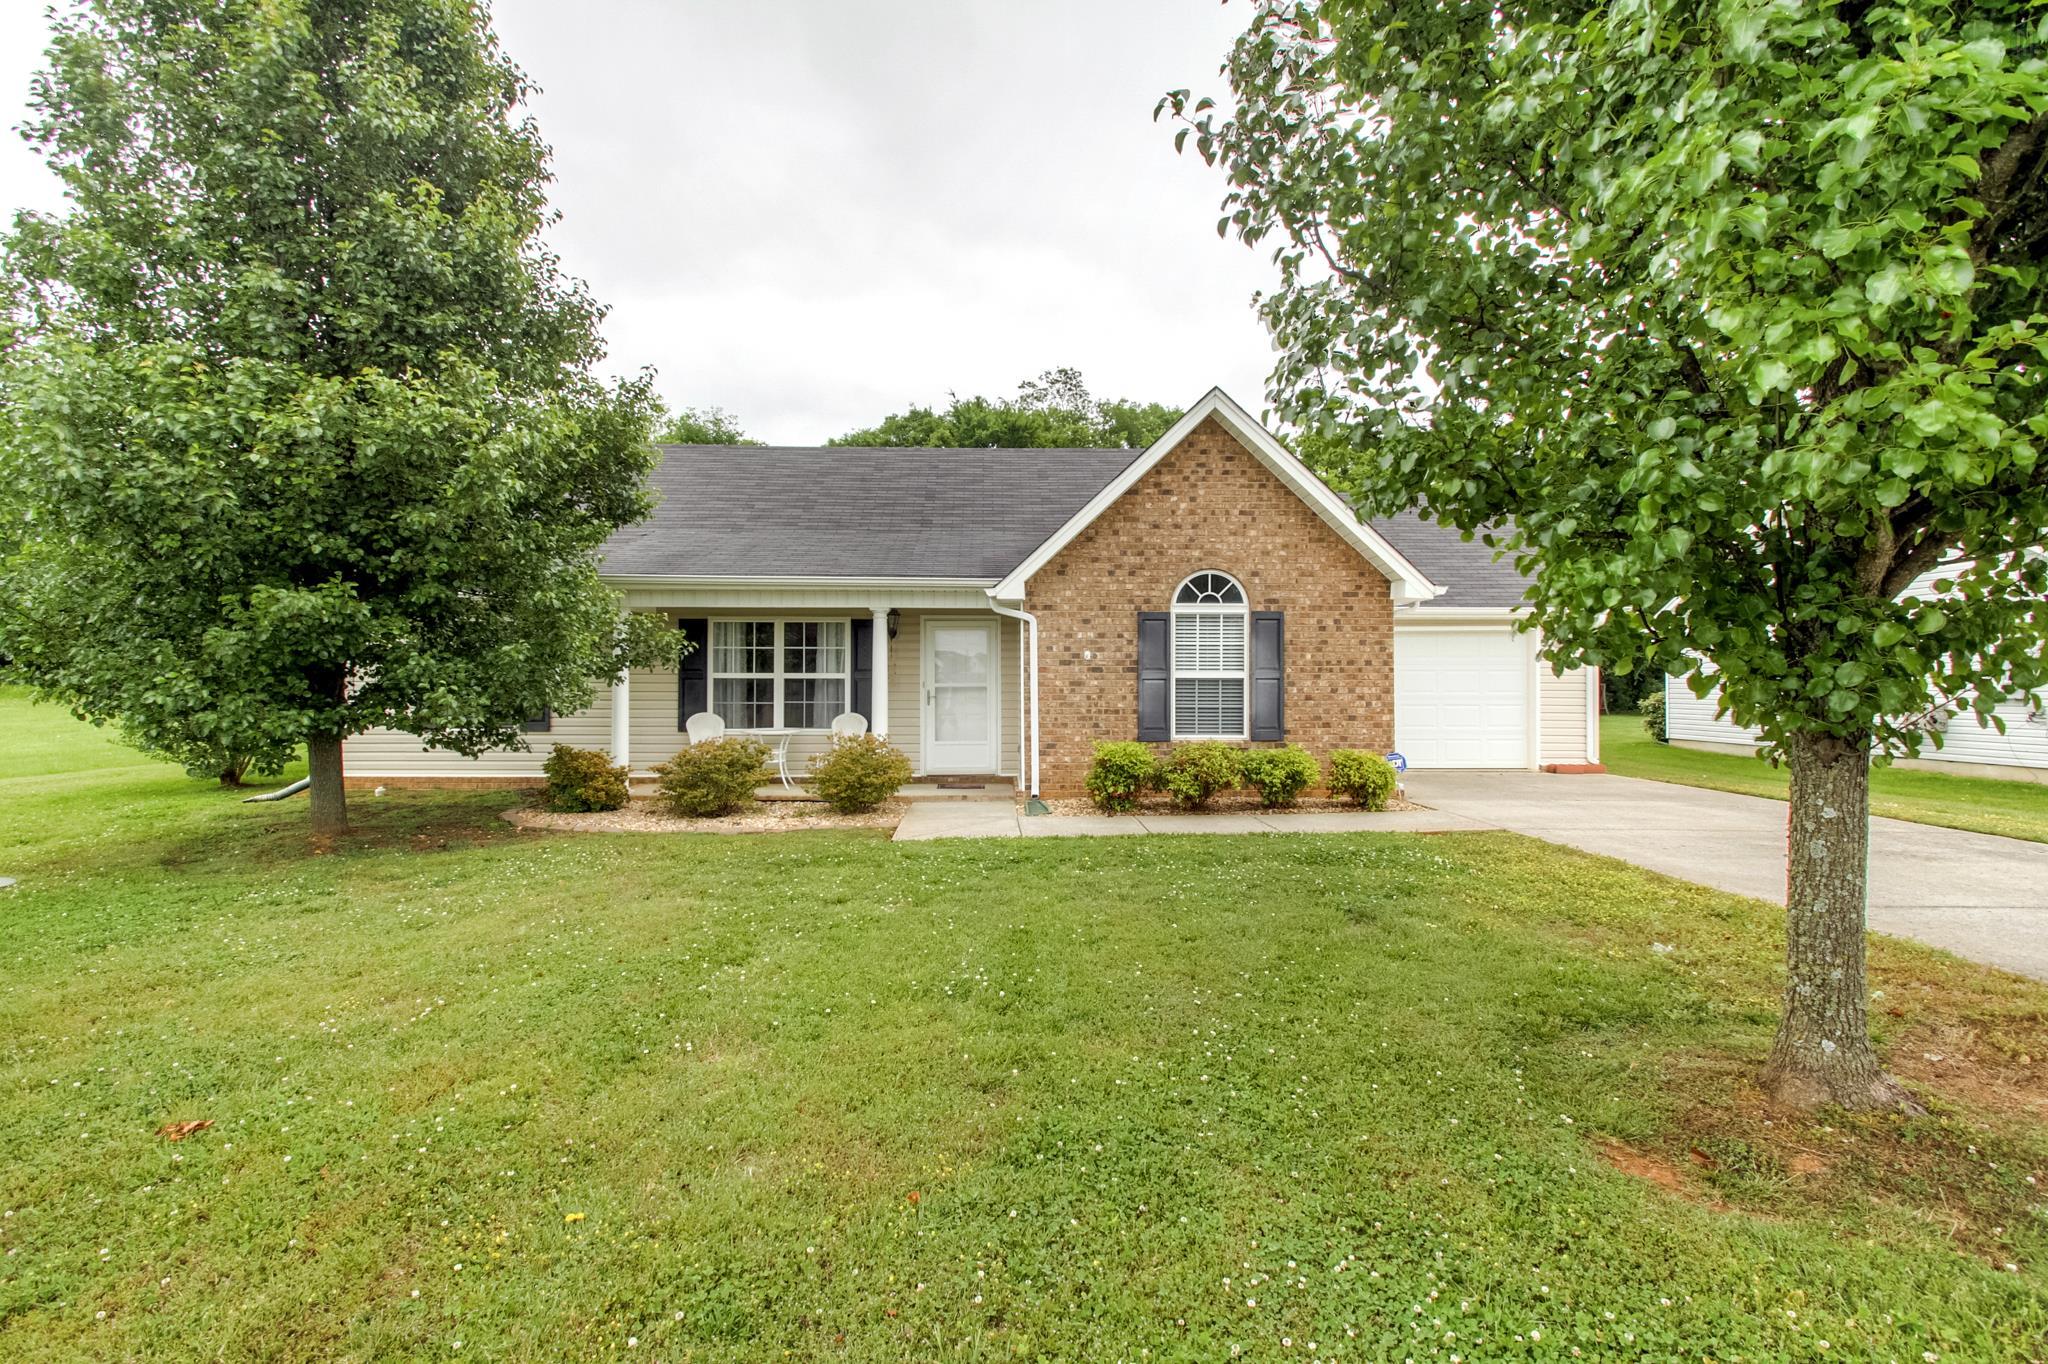 1310 Ripken Ct, Murfreesboro, TN 37129